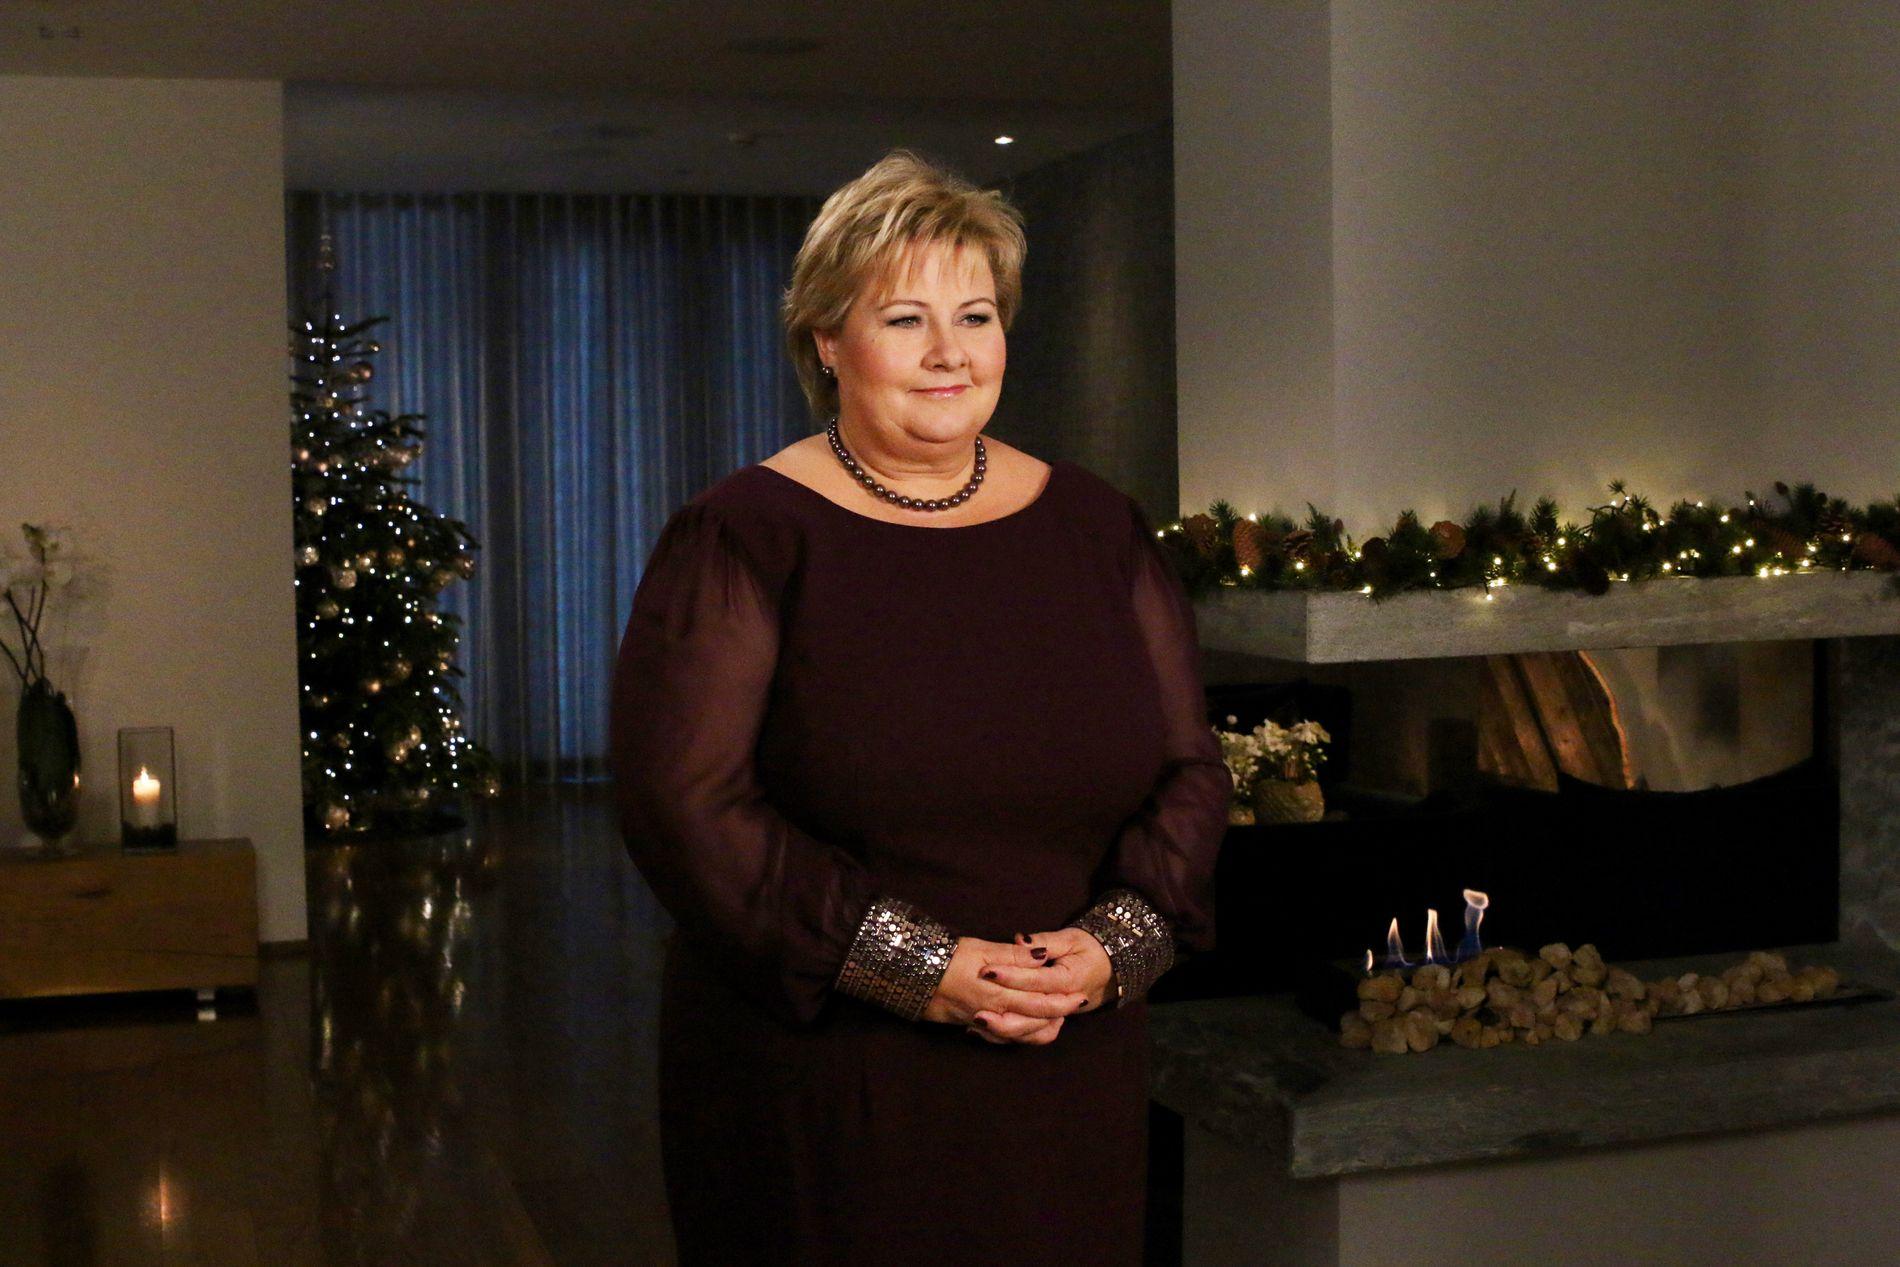 NYTTÅRSTALE: Statsminister Erna Solberg benyttet sin nyttårstale til å snakke om utfordringer for barn og unge, og tok også opp at Norge trenger flere barn.